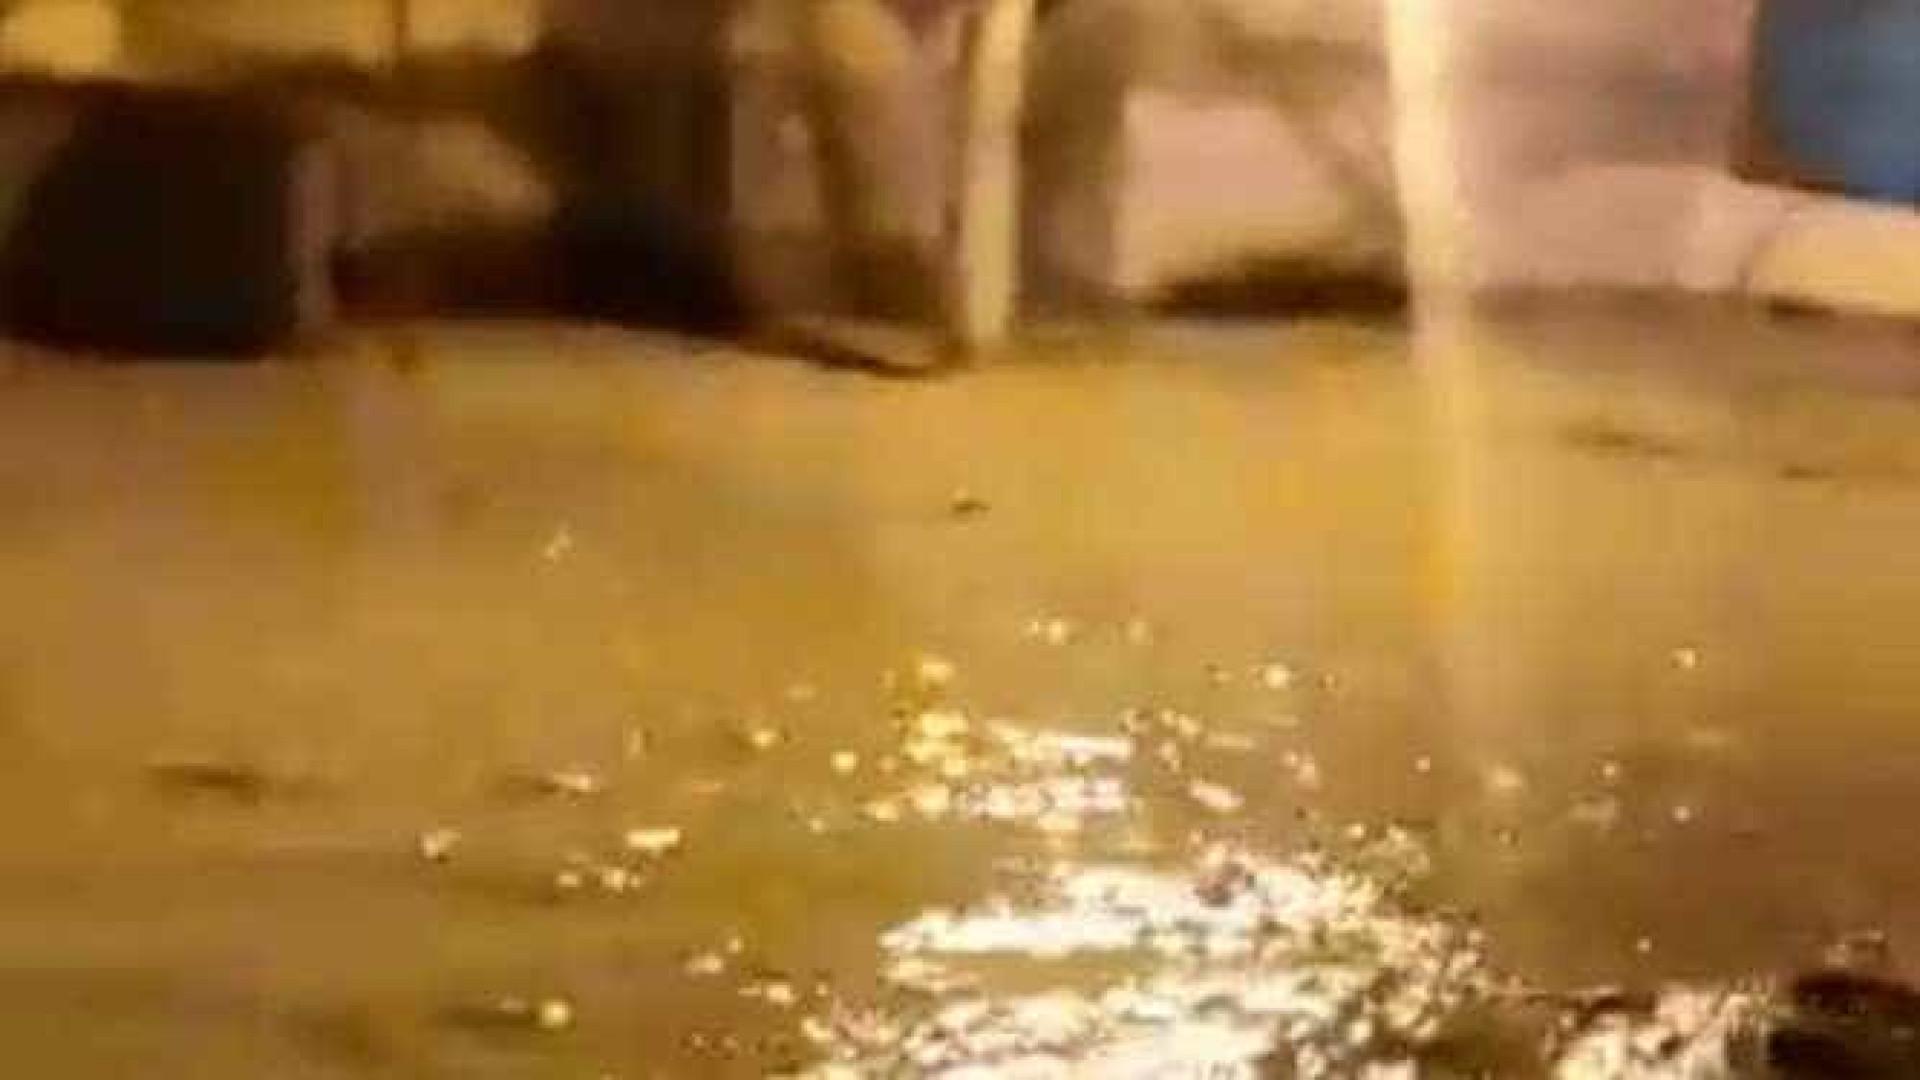 Ruas se transformam em rios após tubulação romper em Nova Iguaçu, no RJ